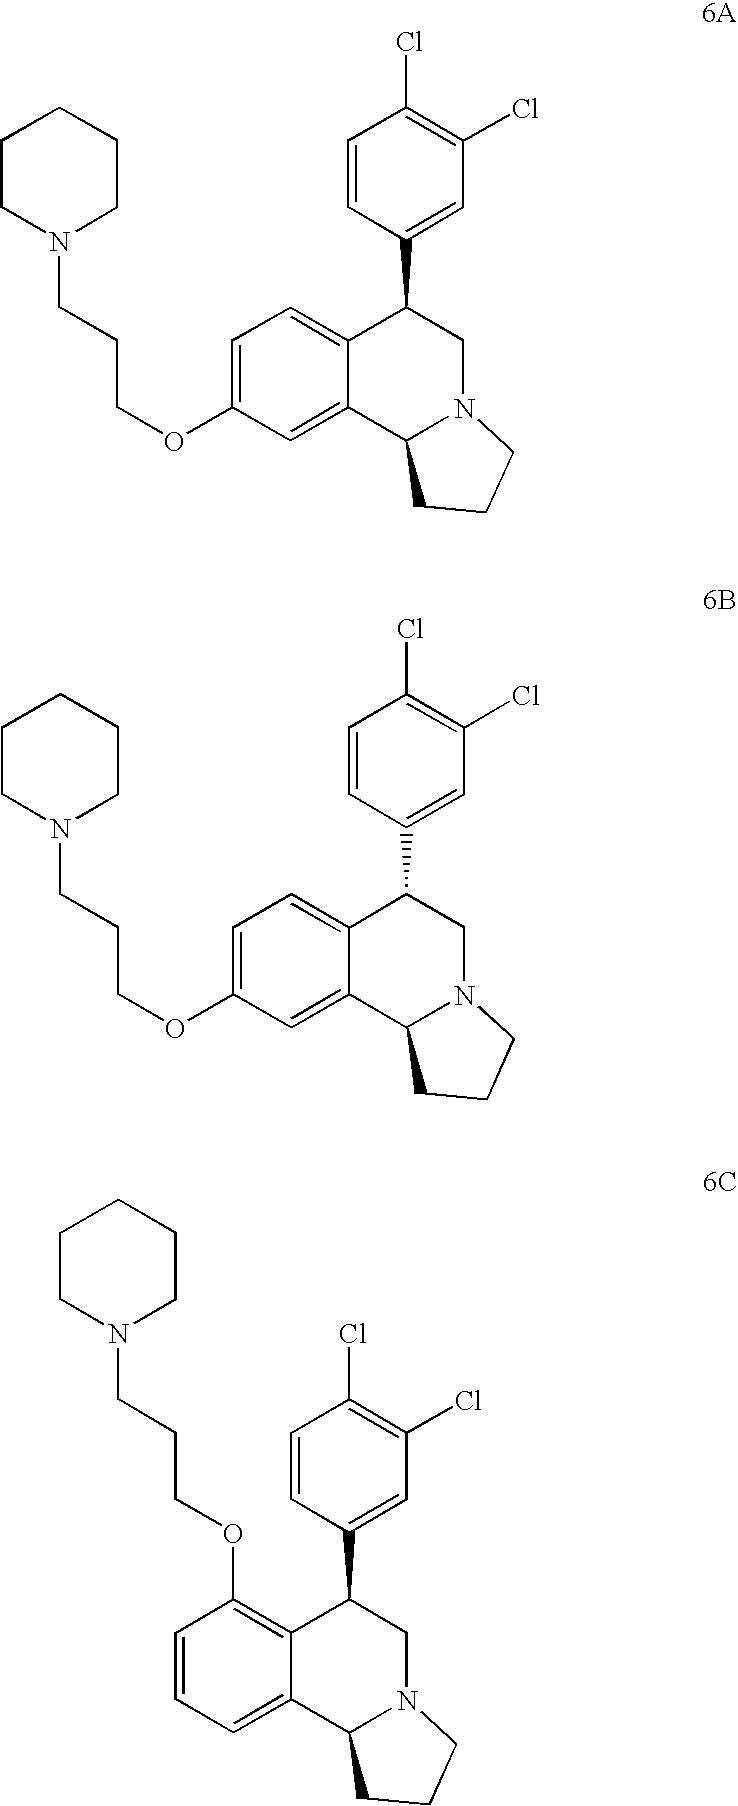 Figure US08273762-20120925-C00011